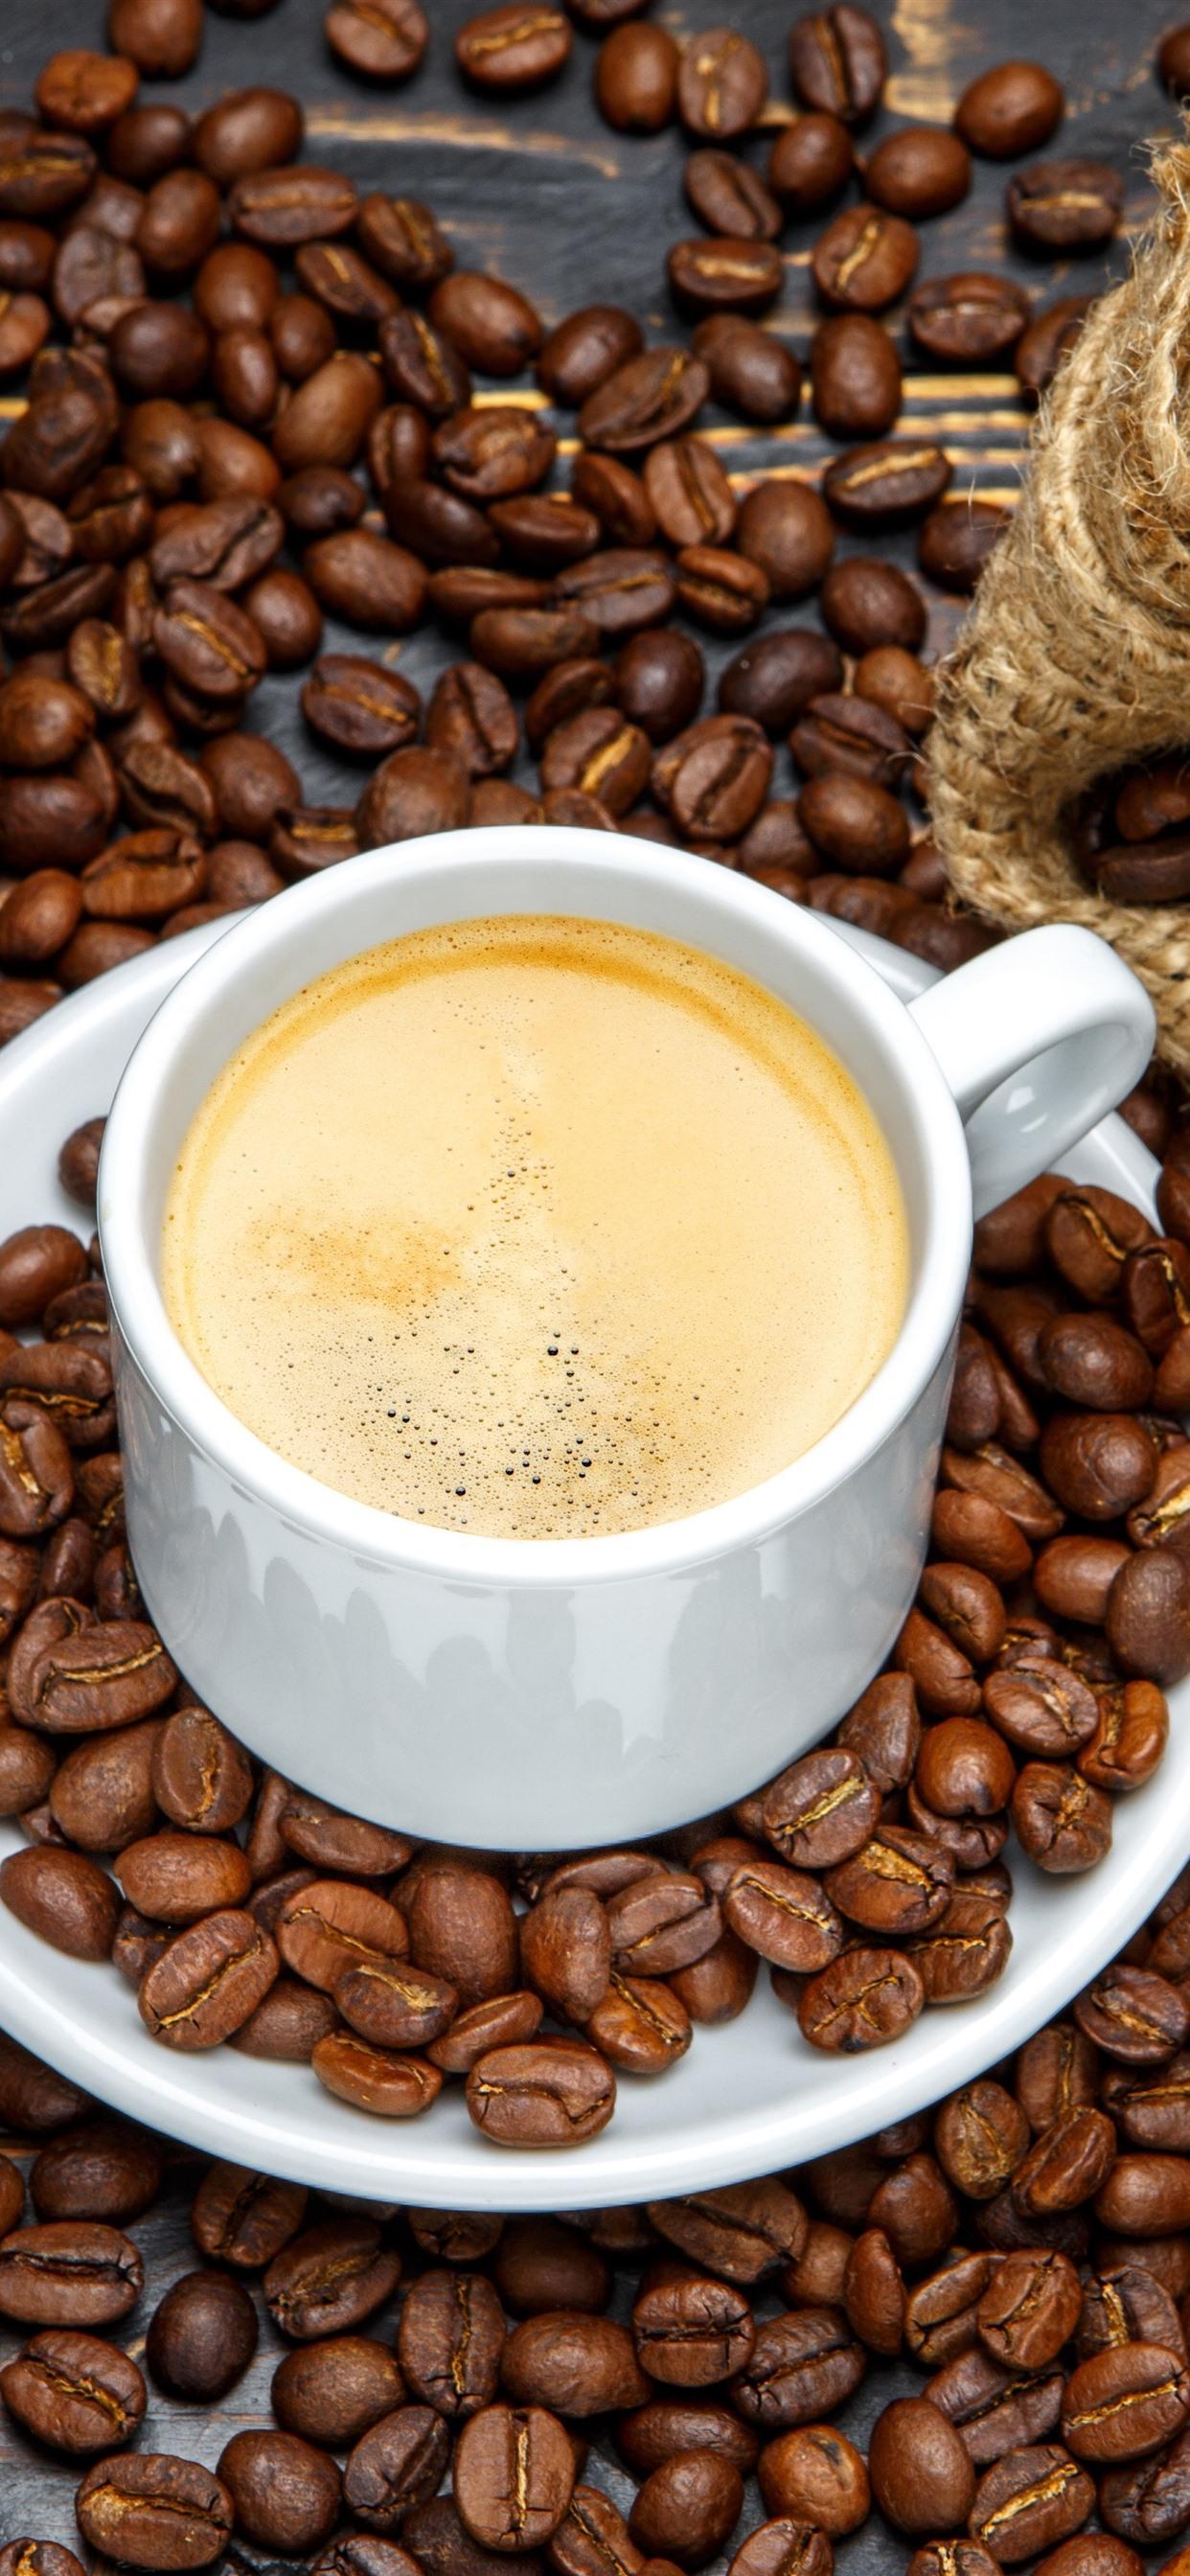 白いカップ コーヒー コーヒー豆 袋 1242x2688 Iphone Xs Max 壁紙